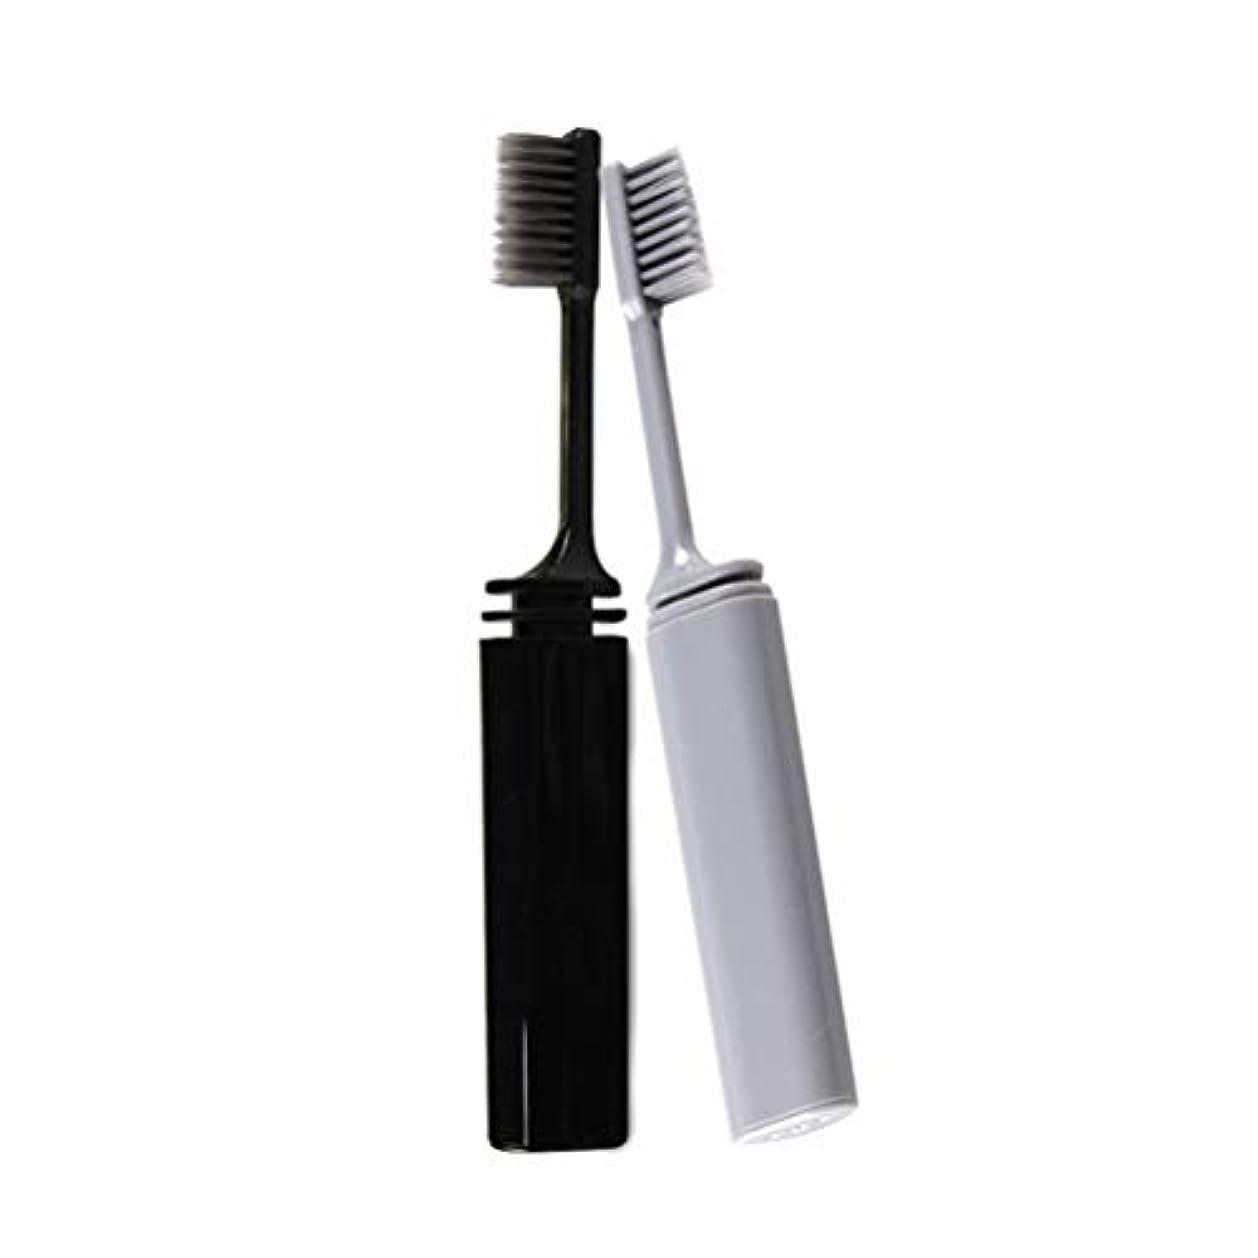 助言する好み晴れHealifty 2ピースポータブル旅行歯ブラシ折りたたみ竹炭剛毛歯ブラシ用オフィスホームホテルゲスト